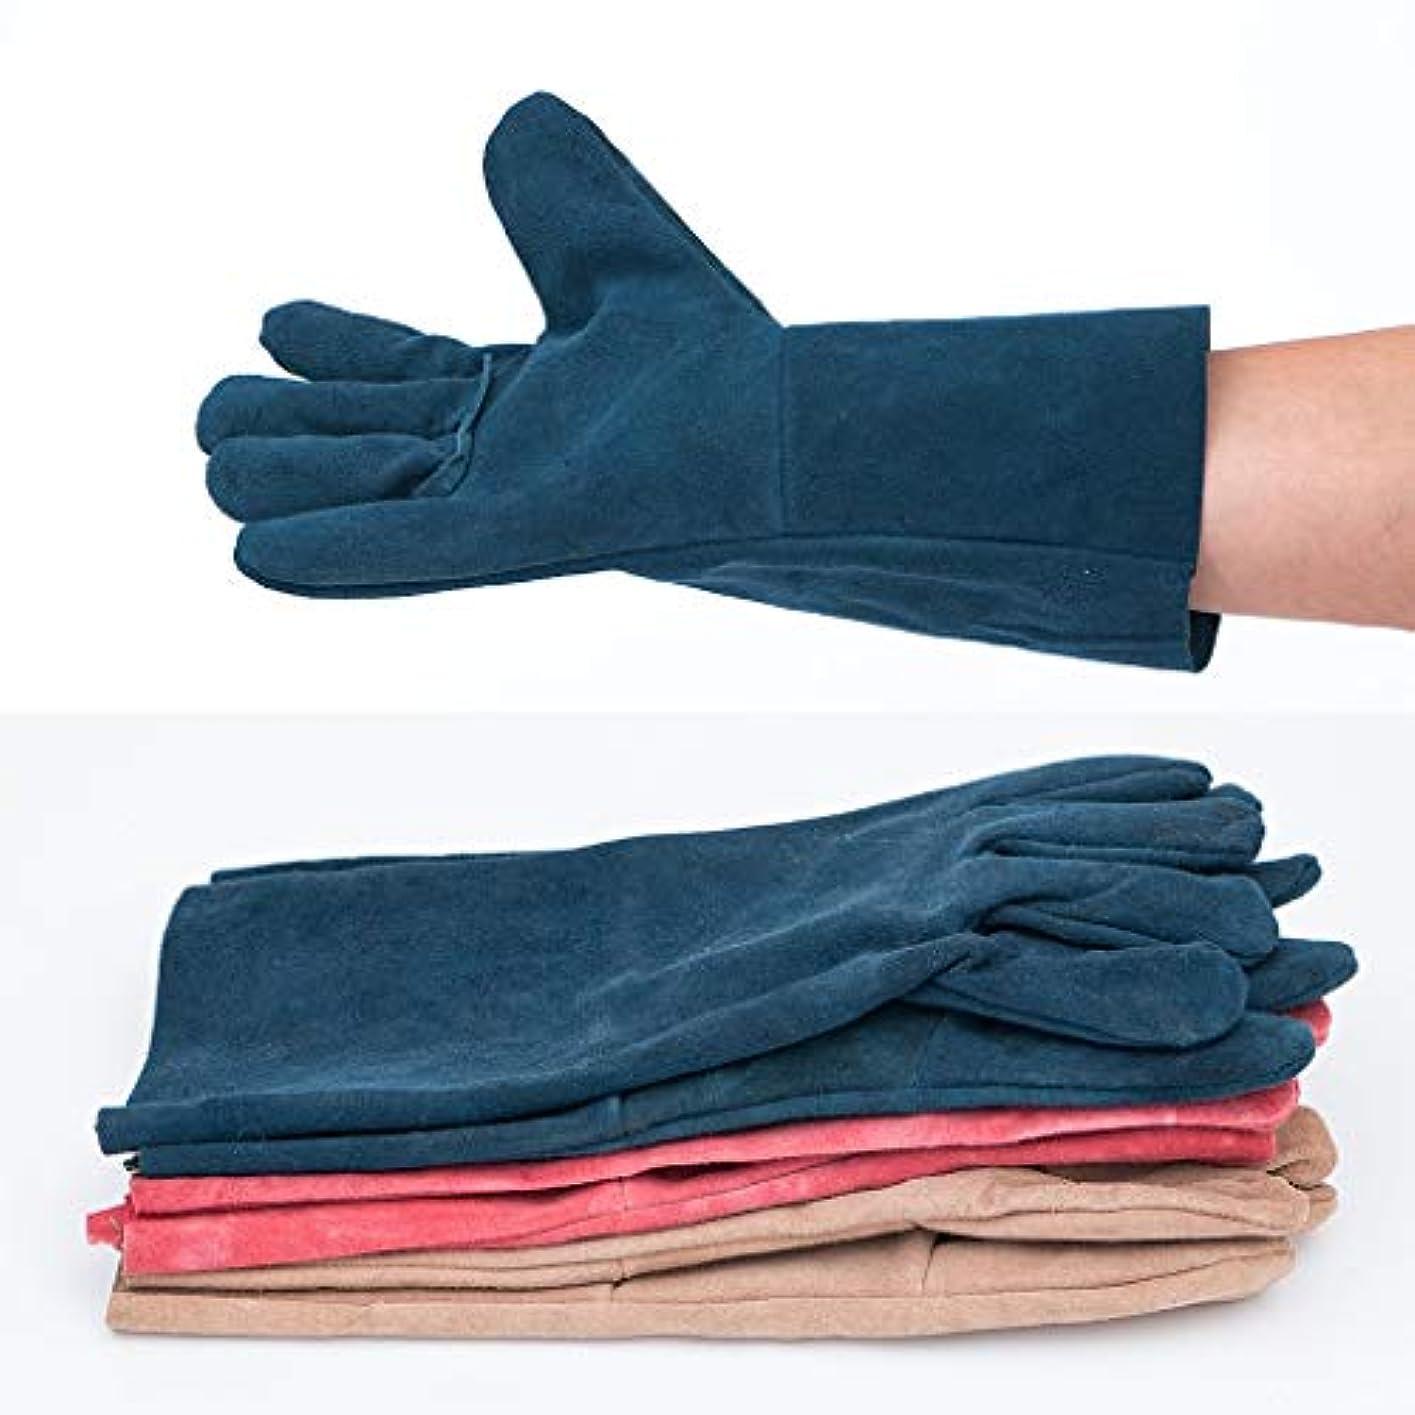 ガイダンス名前を作るエゴマニアTIG溶接機保護手袋および長革手袋、耐摩耗性絶縁およびやけ防止、33 cm、10ペア、ランダムカラー SHWSM